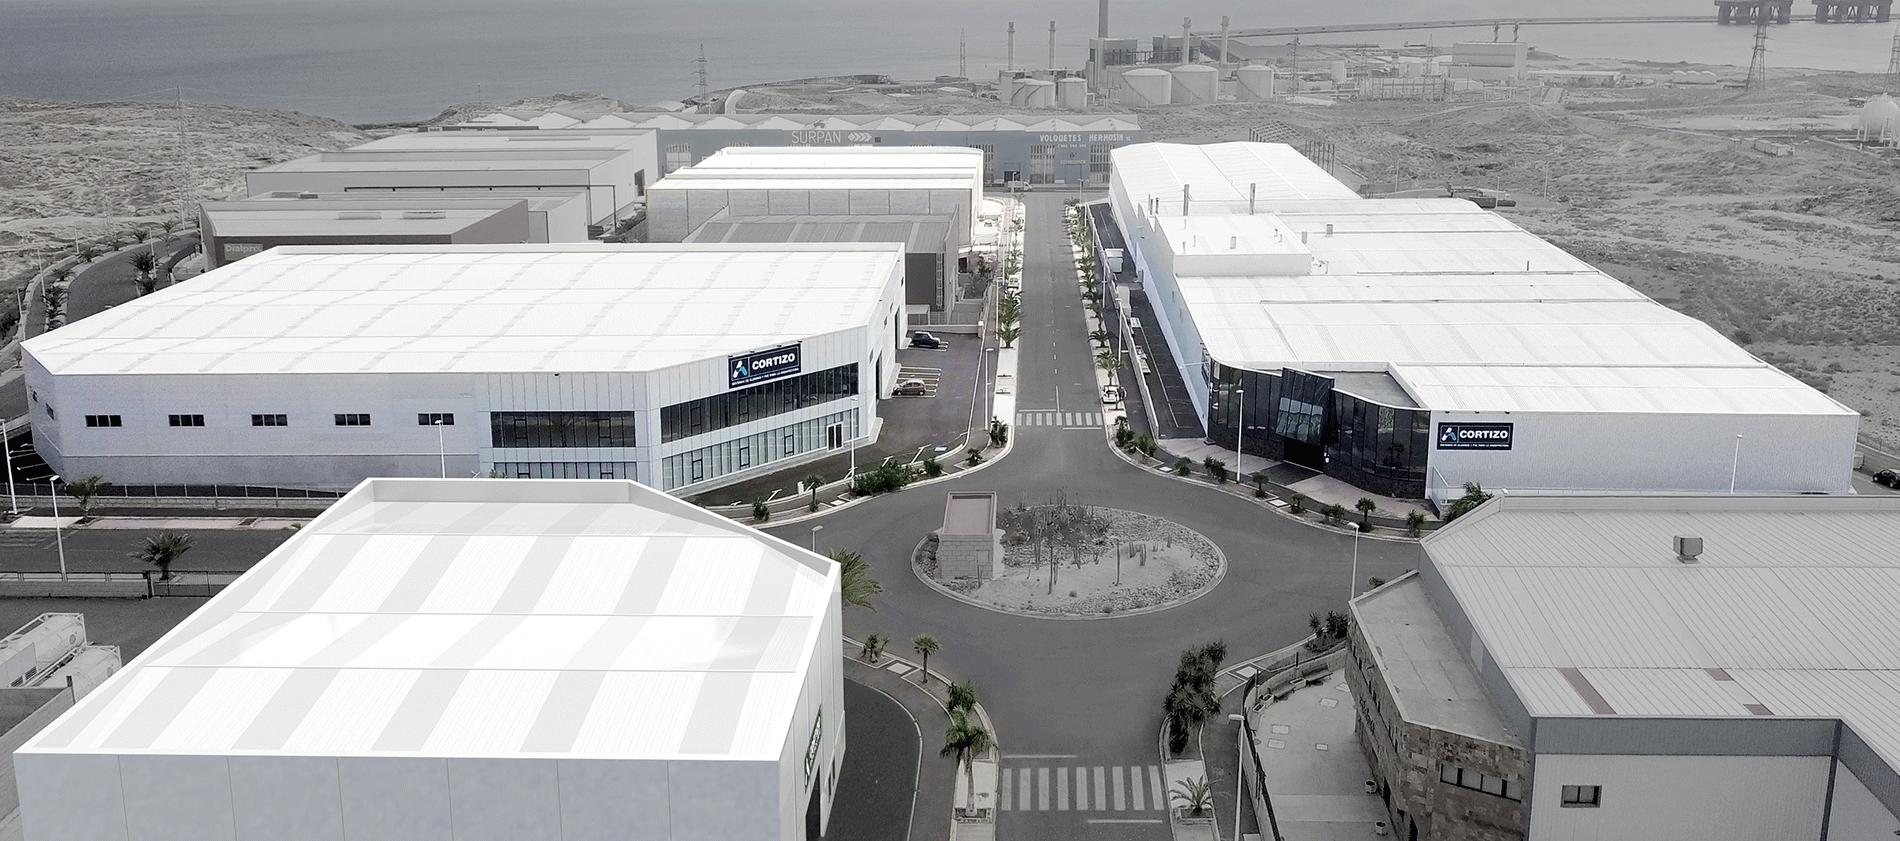 CORTIZO CANARIASCAPACITA' PRODUTTIVA6.000 Tm/anno» Pressa d' estrusione» 3 Impianti di verniciatura» Impianto d'ossidazione» Superficie 16.870 m²